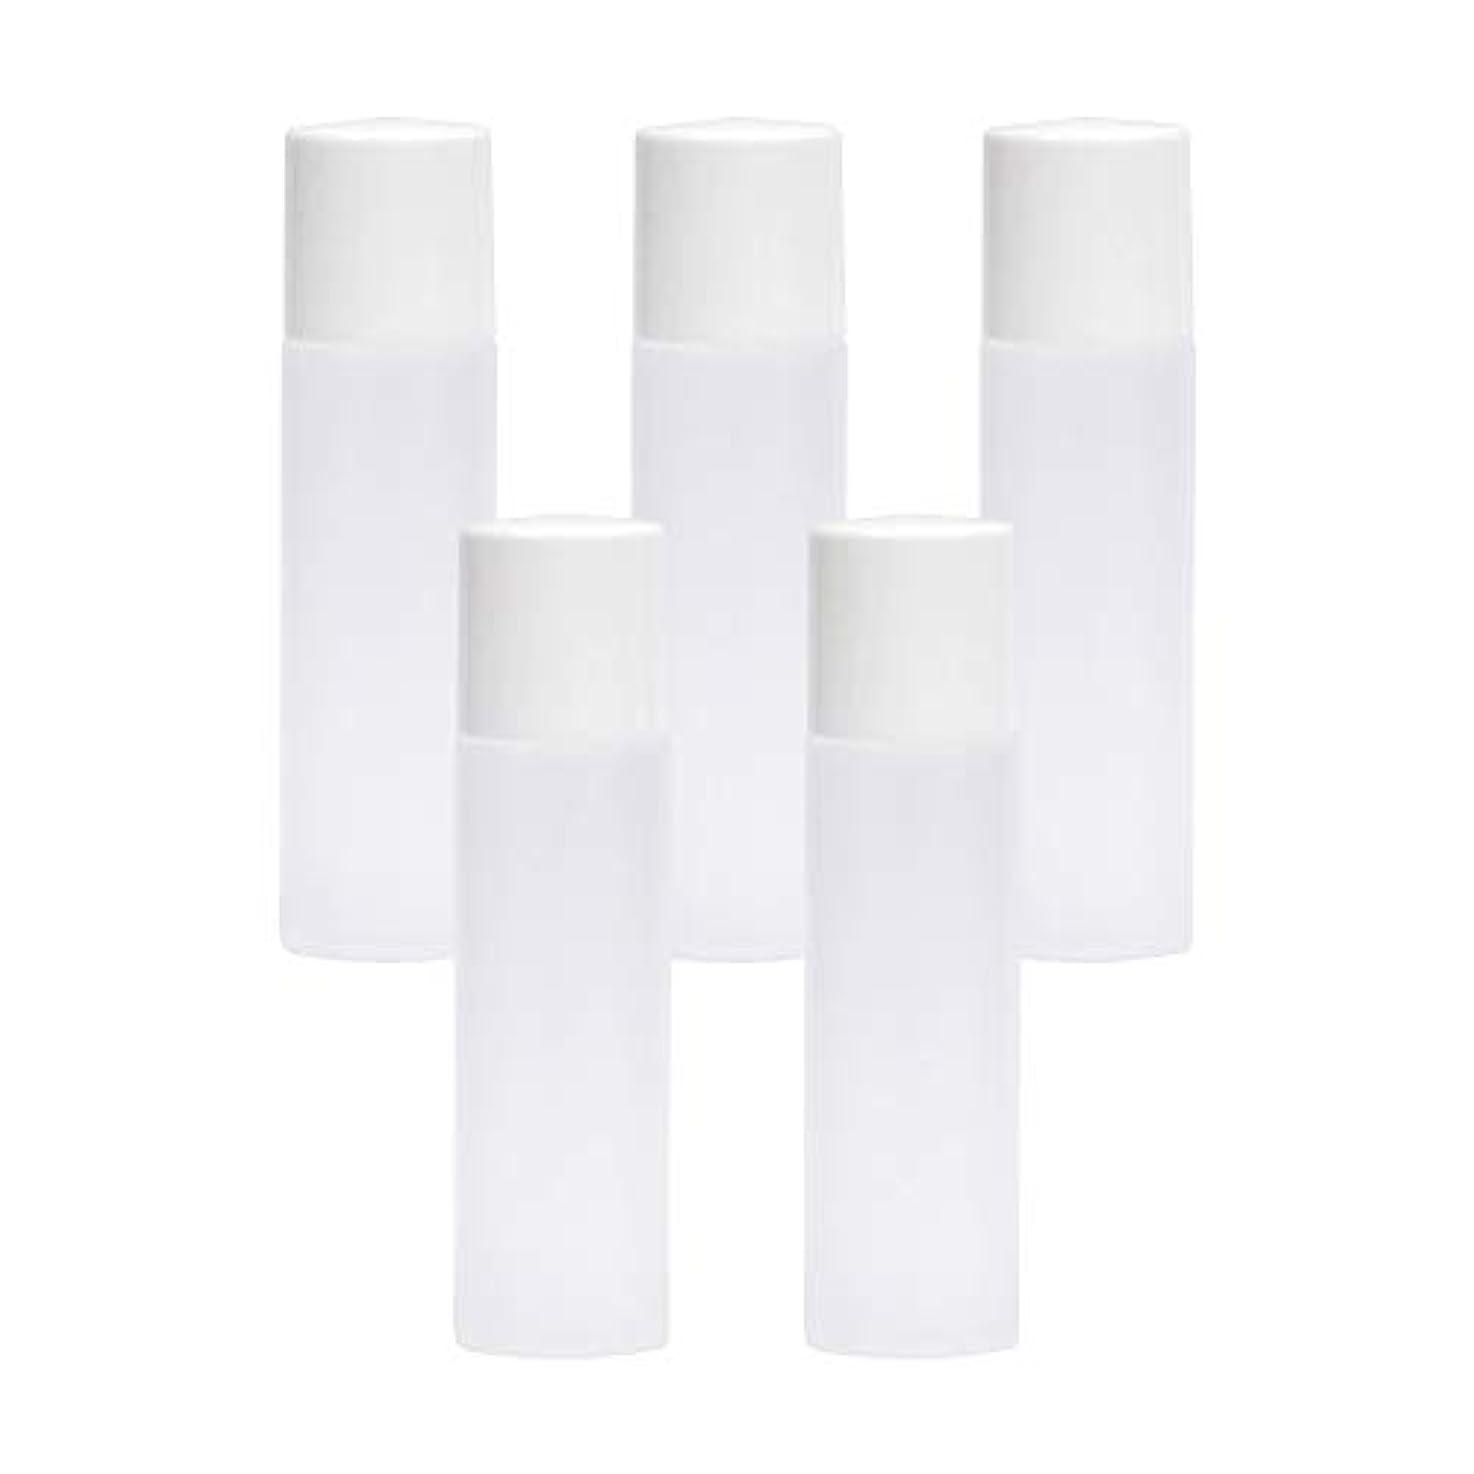 民族主義光のオートメーション白ボトル10ml×5本セット(中栓ノズルタイプ?キャップ付) (プラスチック容器/オイル用空瓶 プラスチック製-PET/空ボトル)